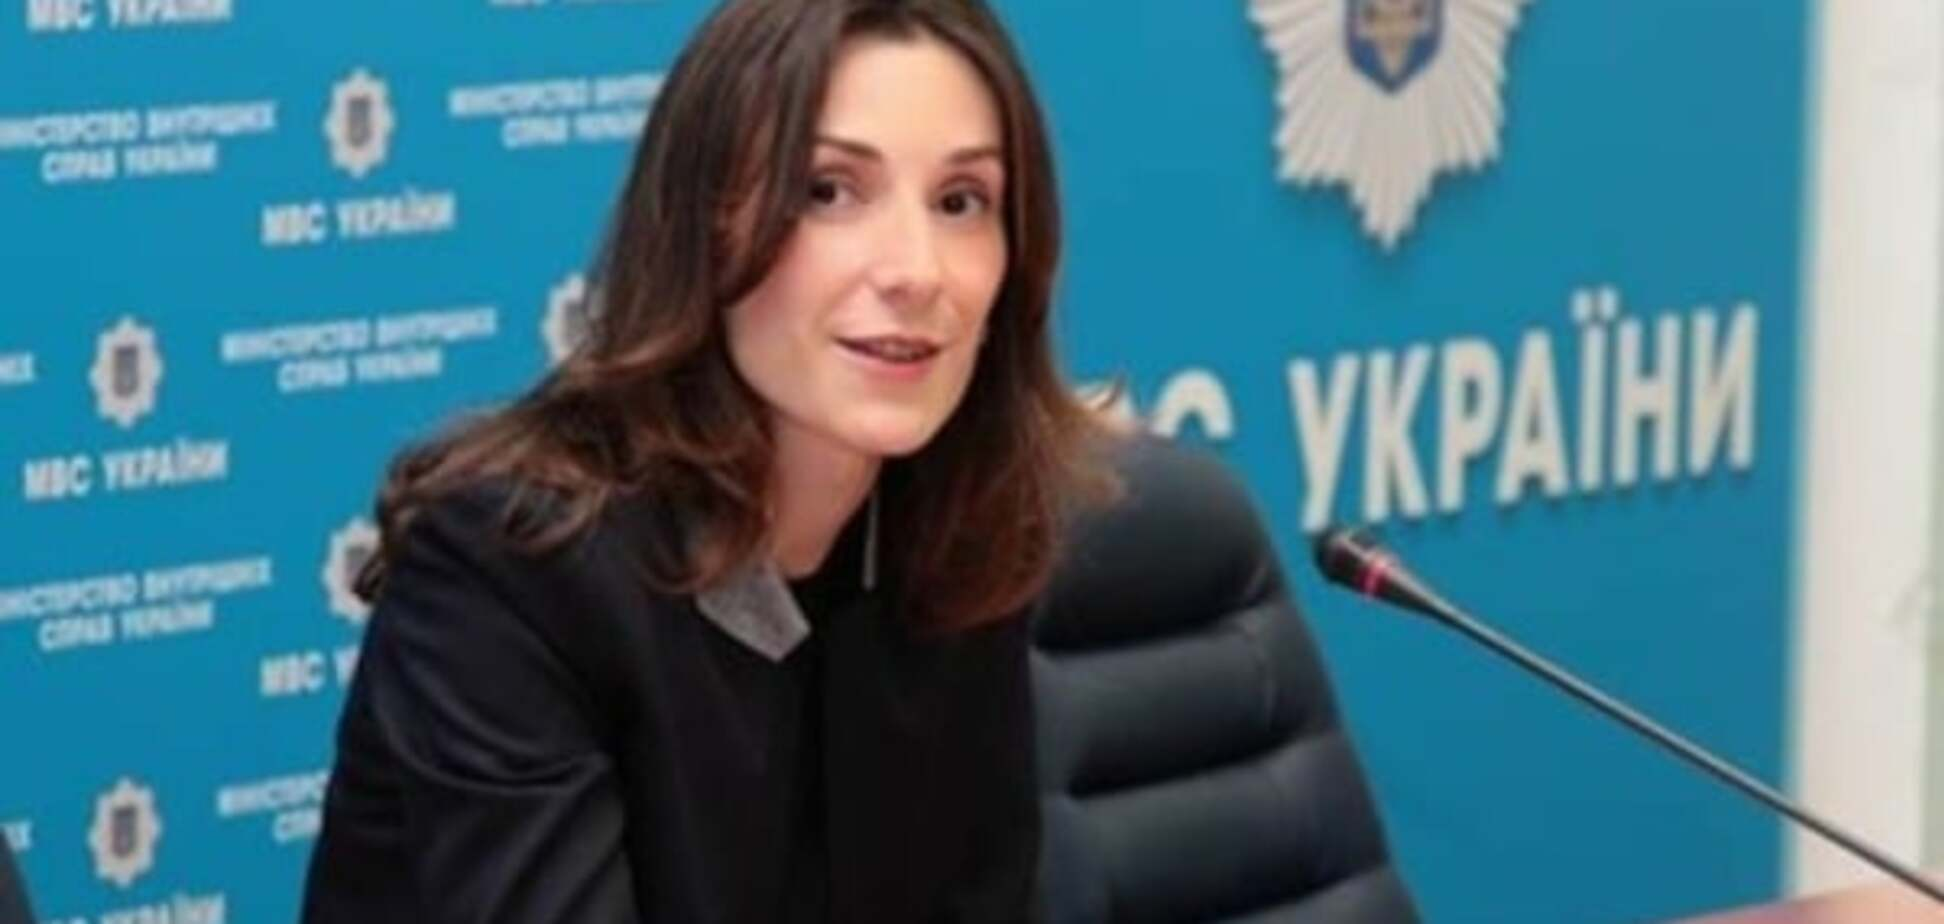 Згуладзе і 140 млн євро: Геращенко розповів про 'затримання' зама Авакова